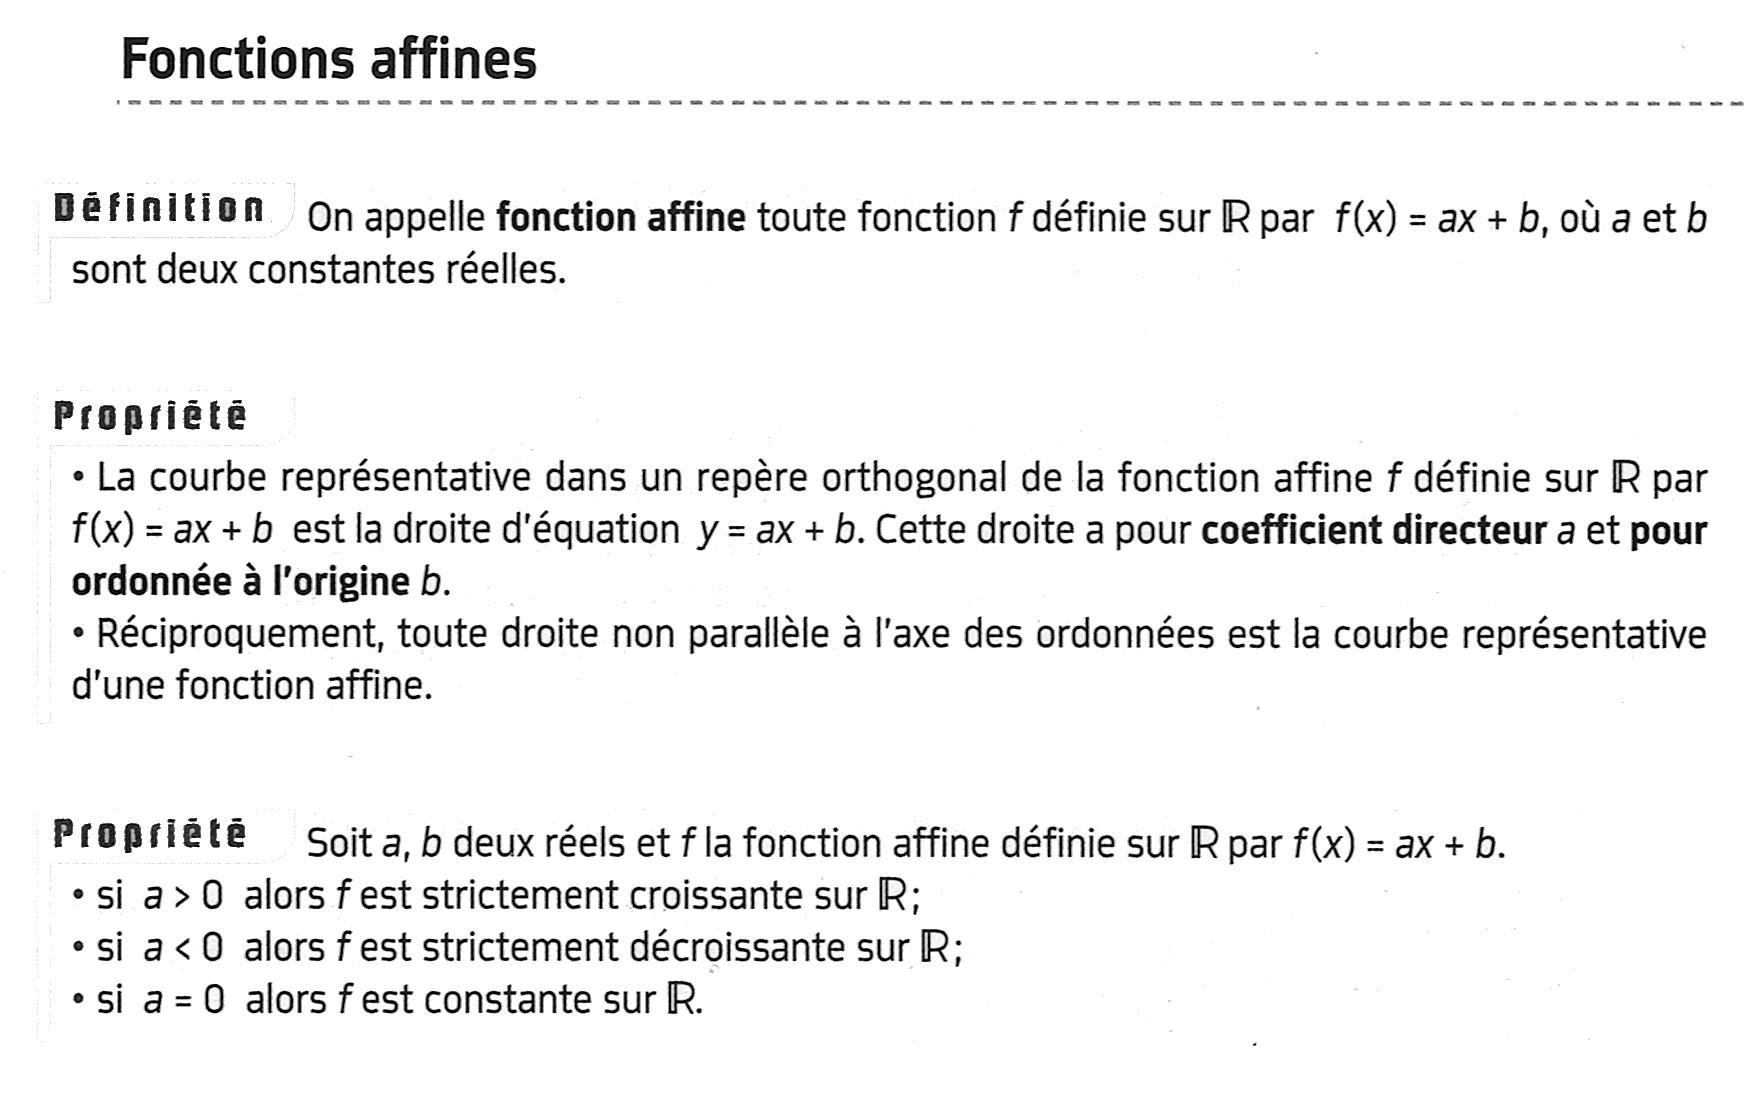 définition et propriétés d'une fonction affine